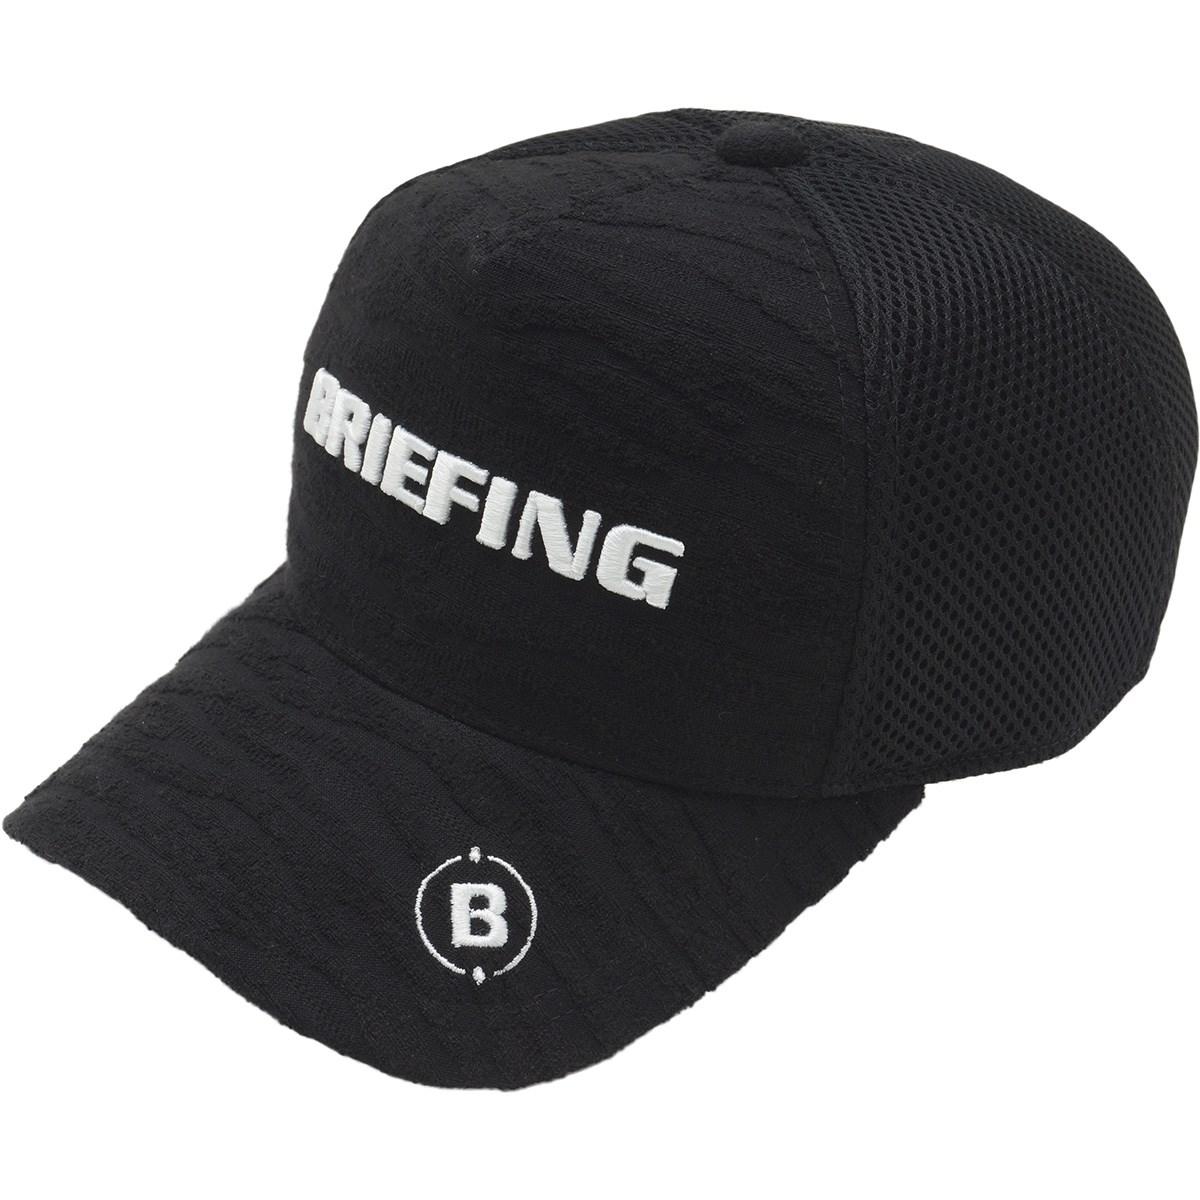 ブリーフィング BRIEFING カモパイルメッシュキャップ フリー ブラック